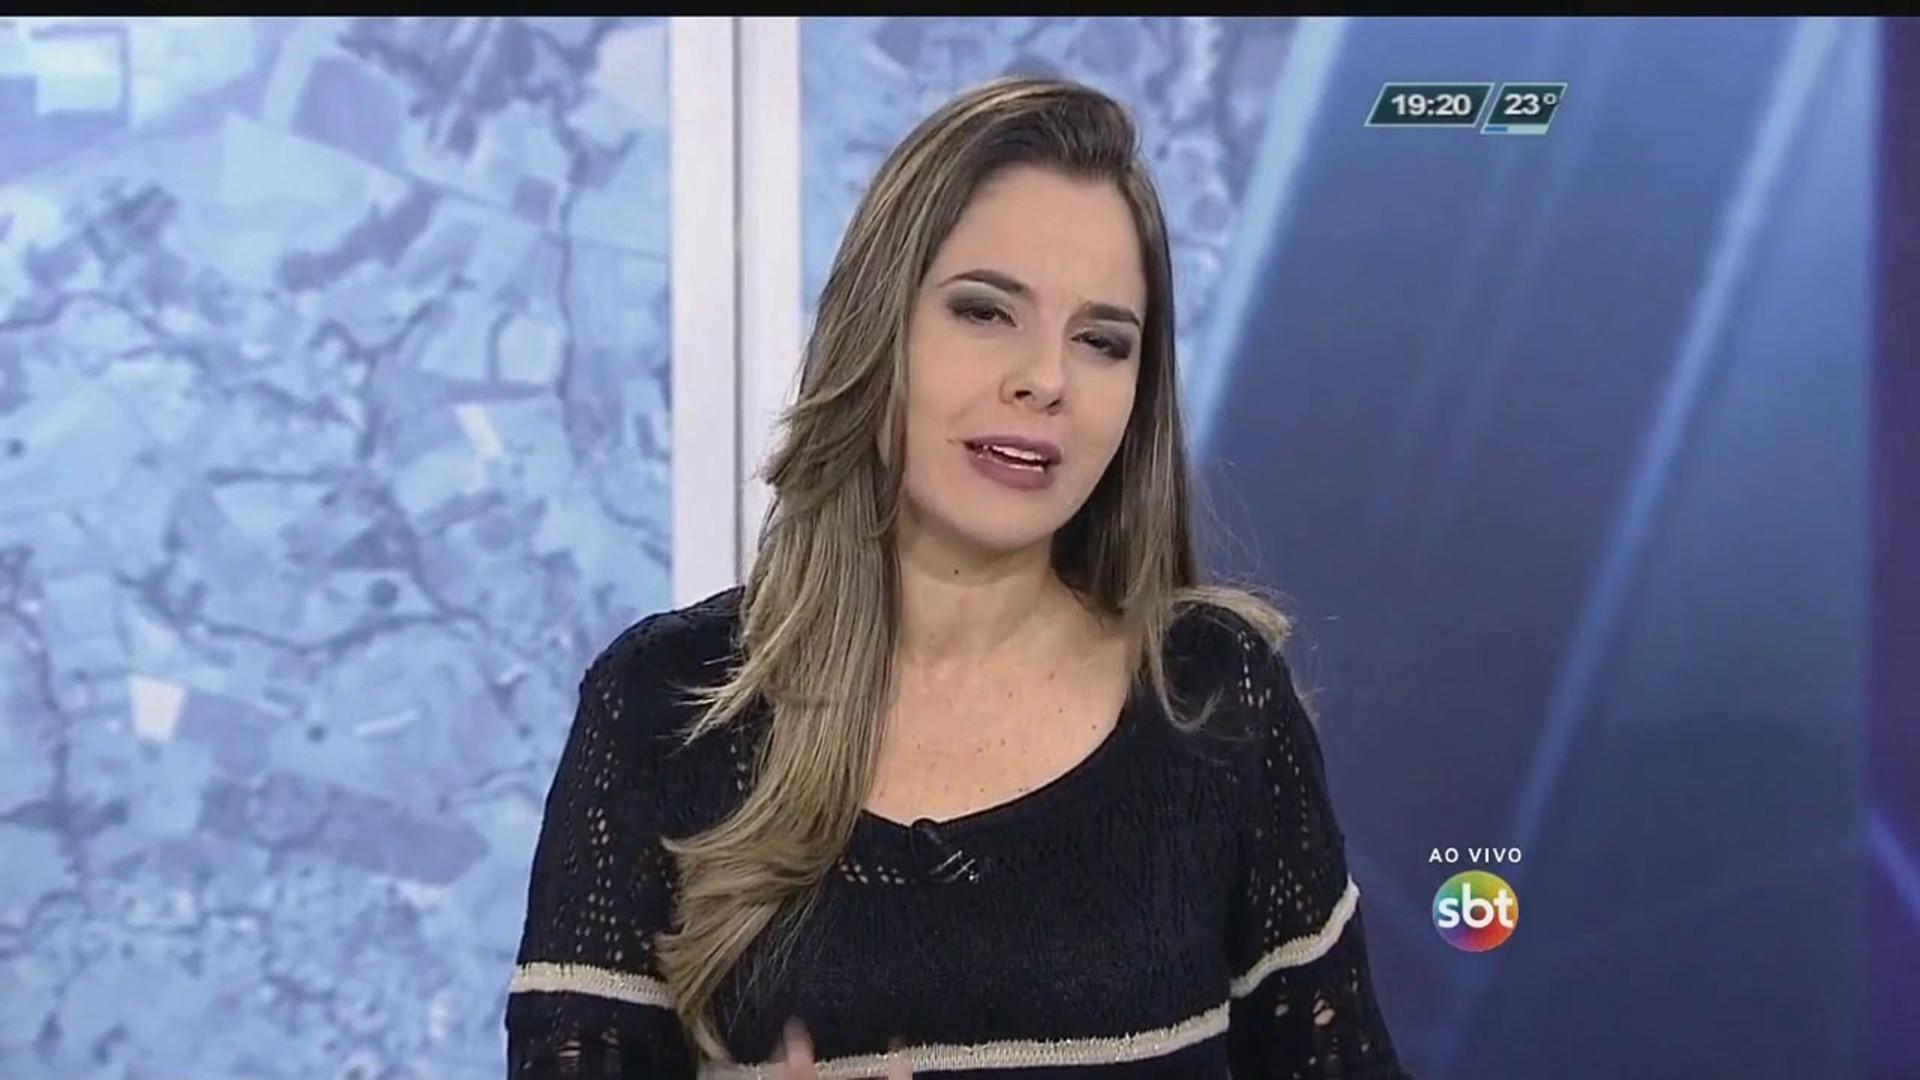 Braz City